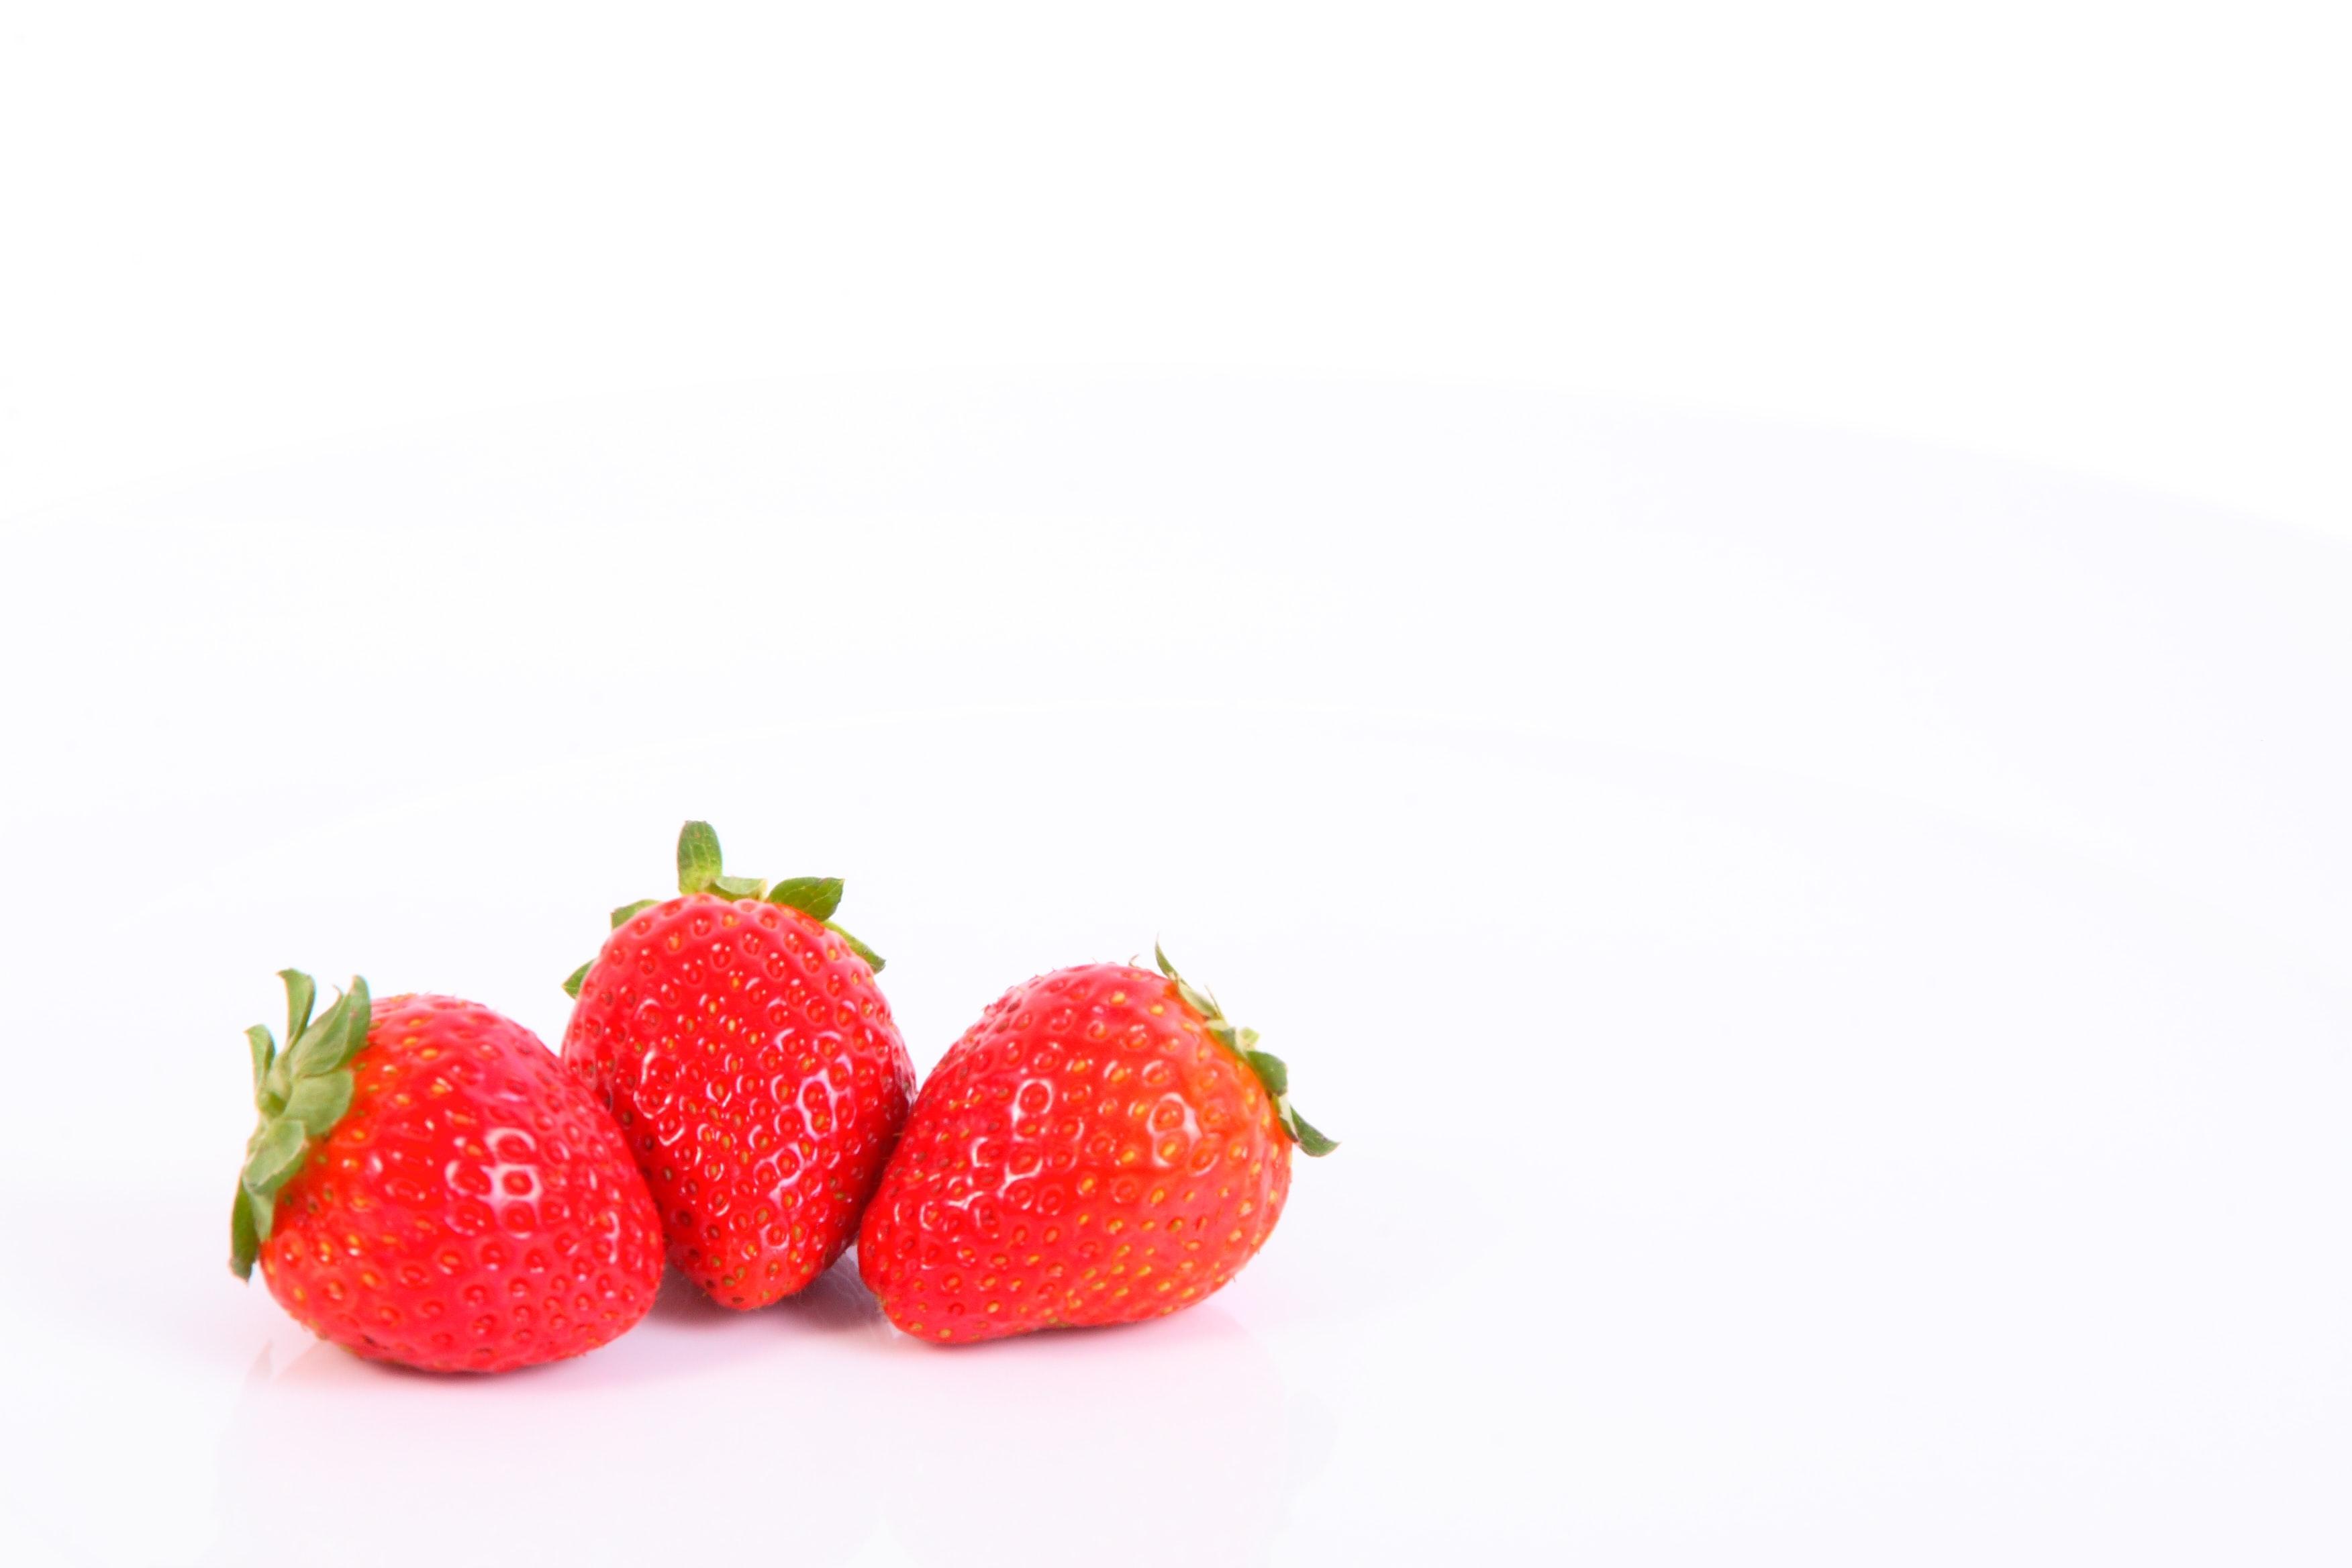 Berries/shaun-meintjes-ibx3Yrmfb0s-unsplash.jpg